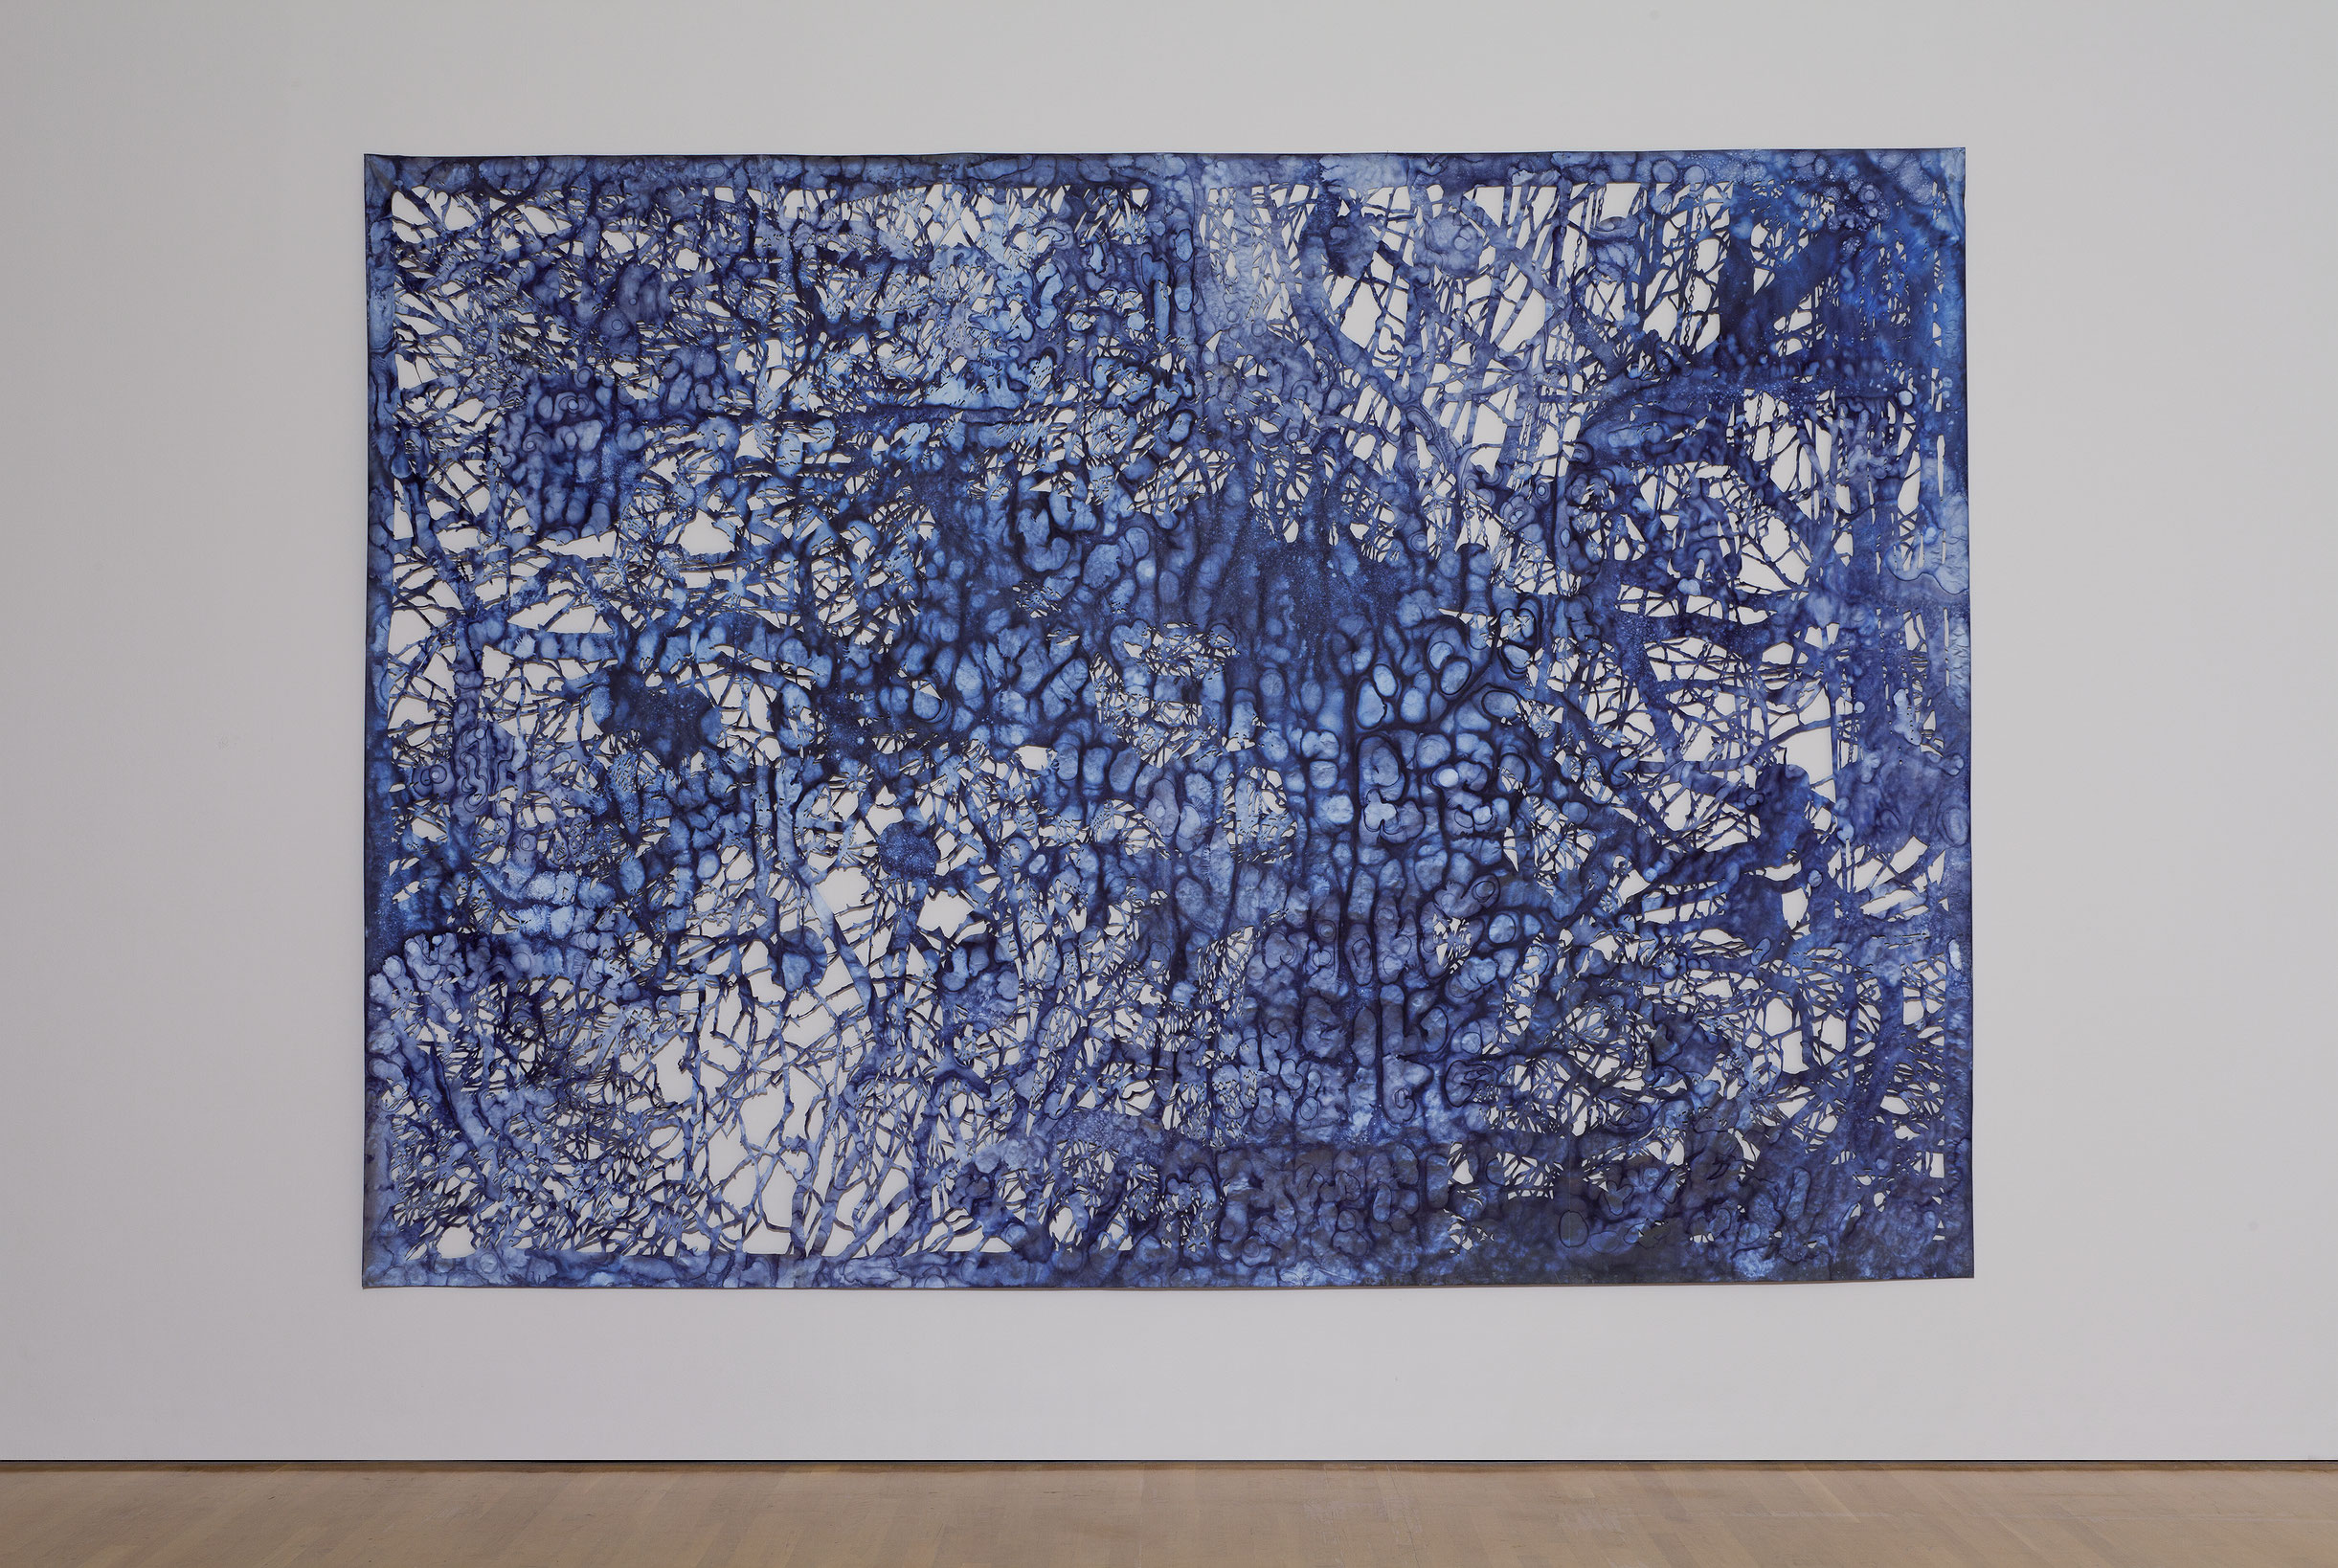 Eclipsing the Past, Present and Future, 2008, Ed Pien, Encre sur matériau réfléchissant 3M et papier Shoji découpés.